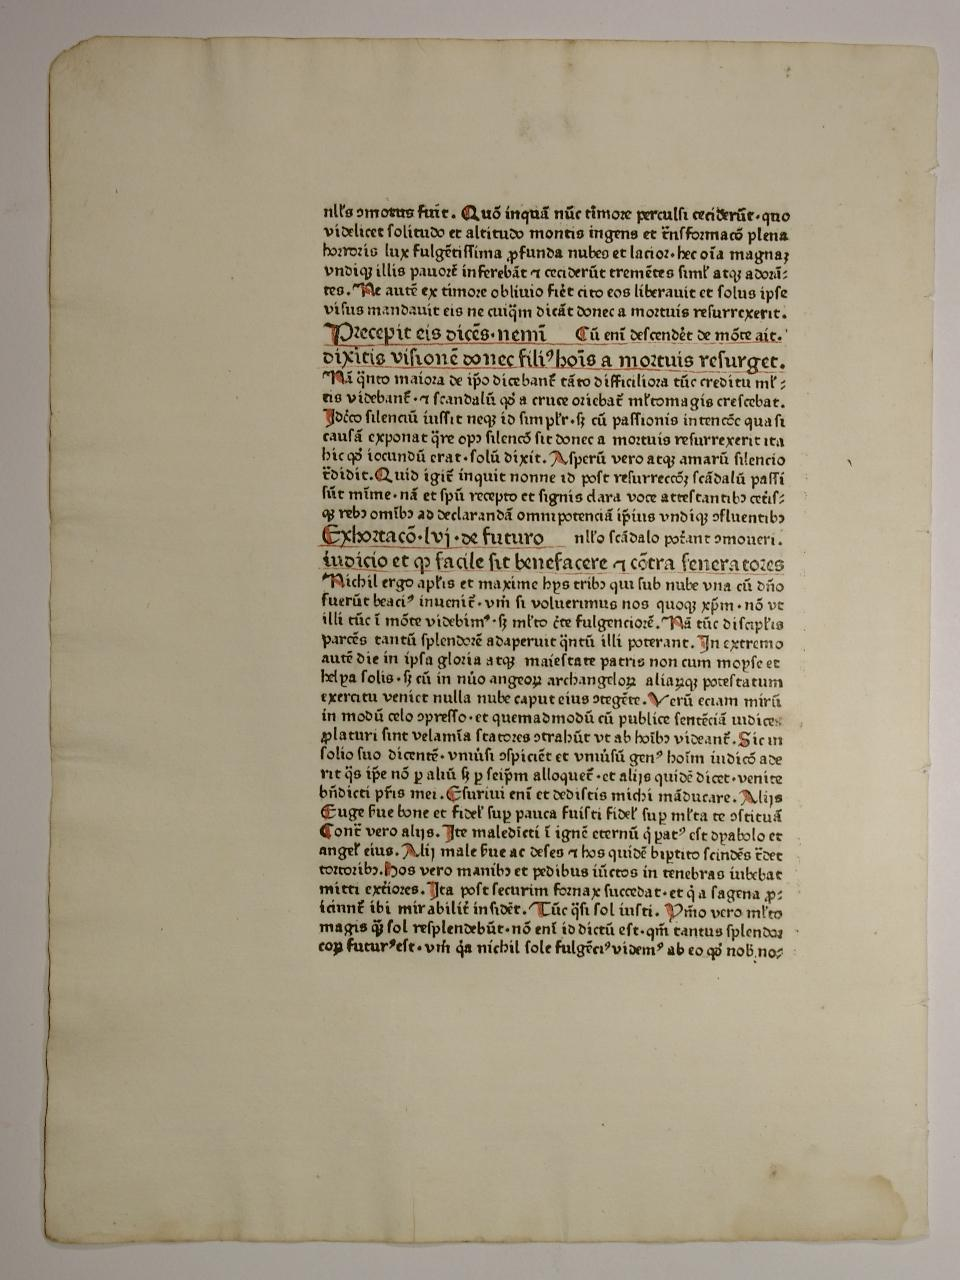 Homiliae super Matthaeum, de graeco in latinum: Johannes Chrysostomus: